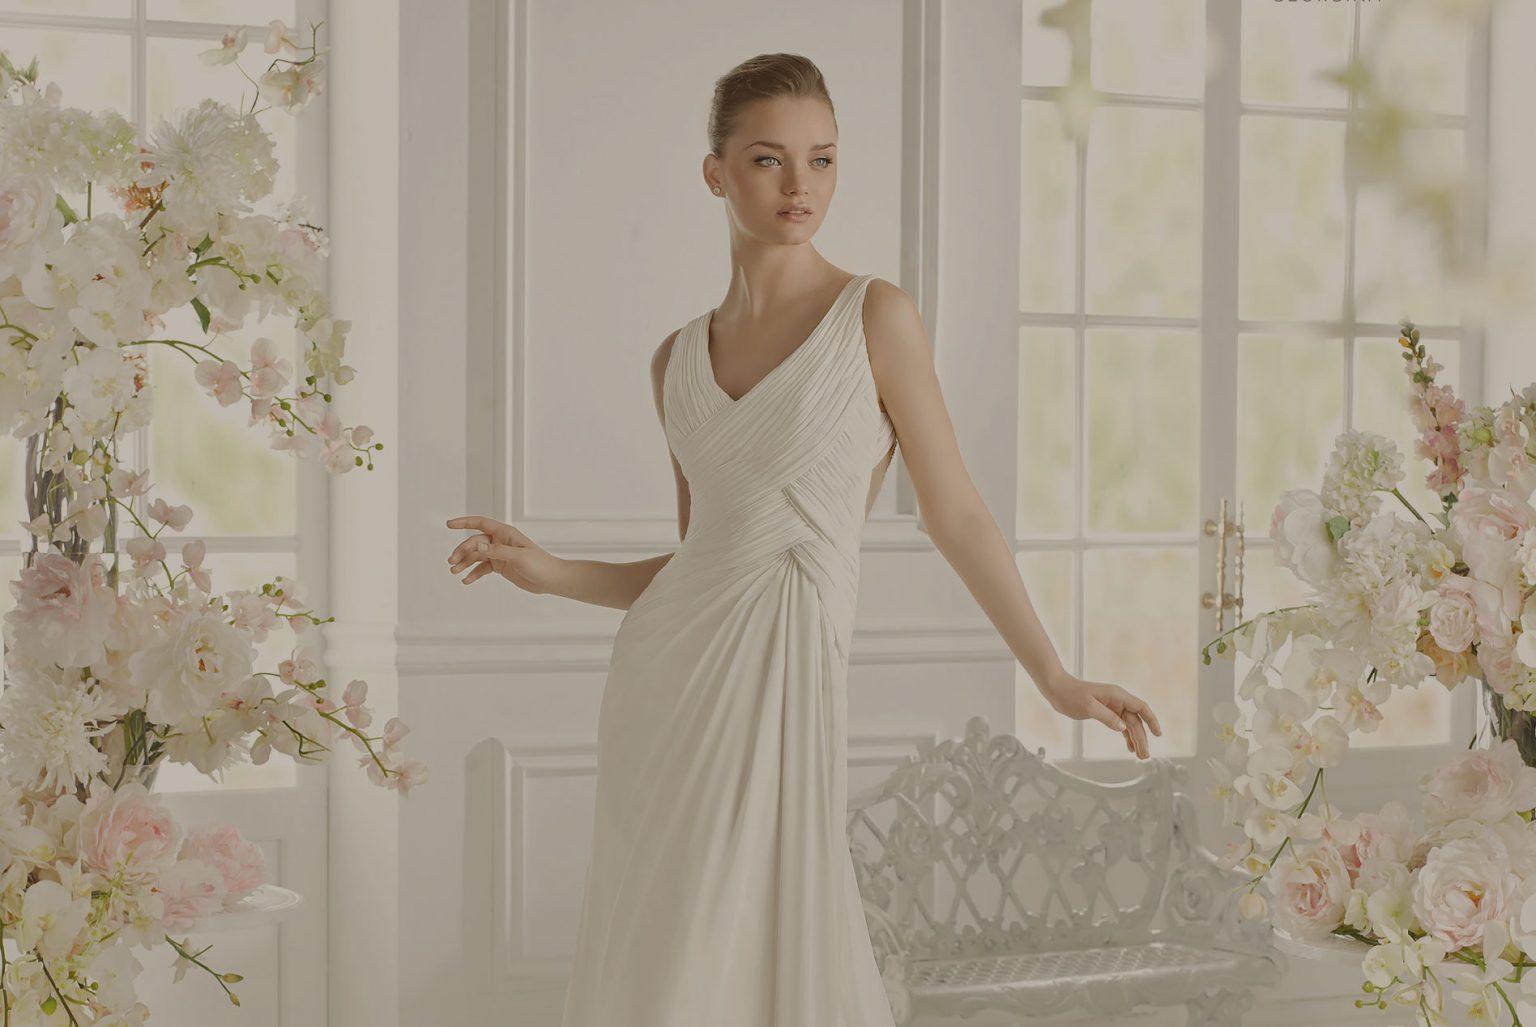 Купить свадебные платья в свадебном торговом центре в Москве